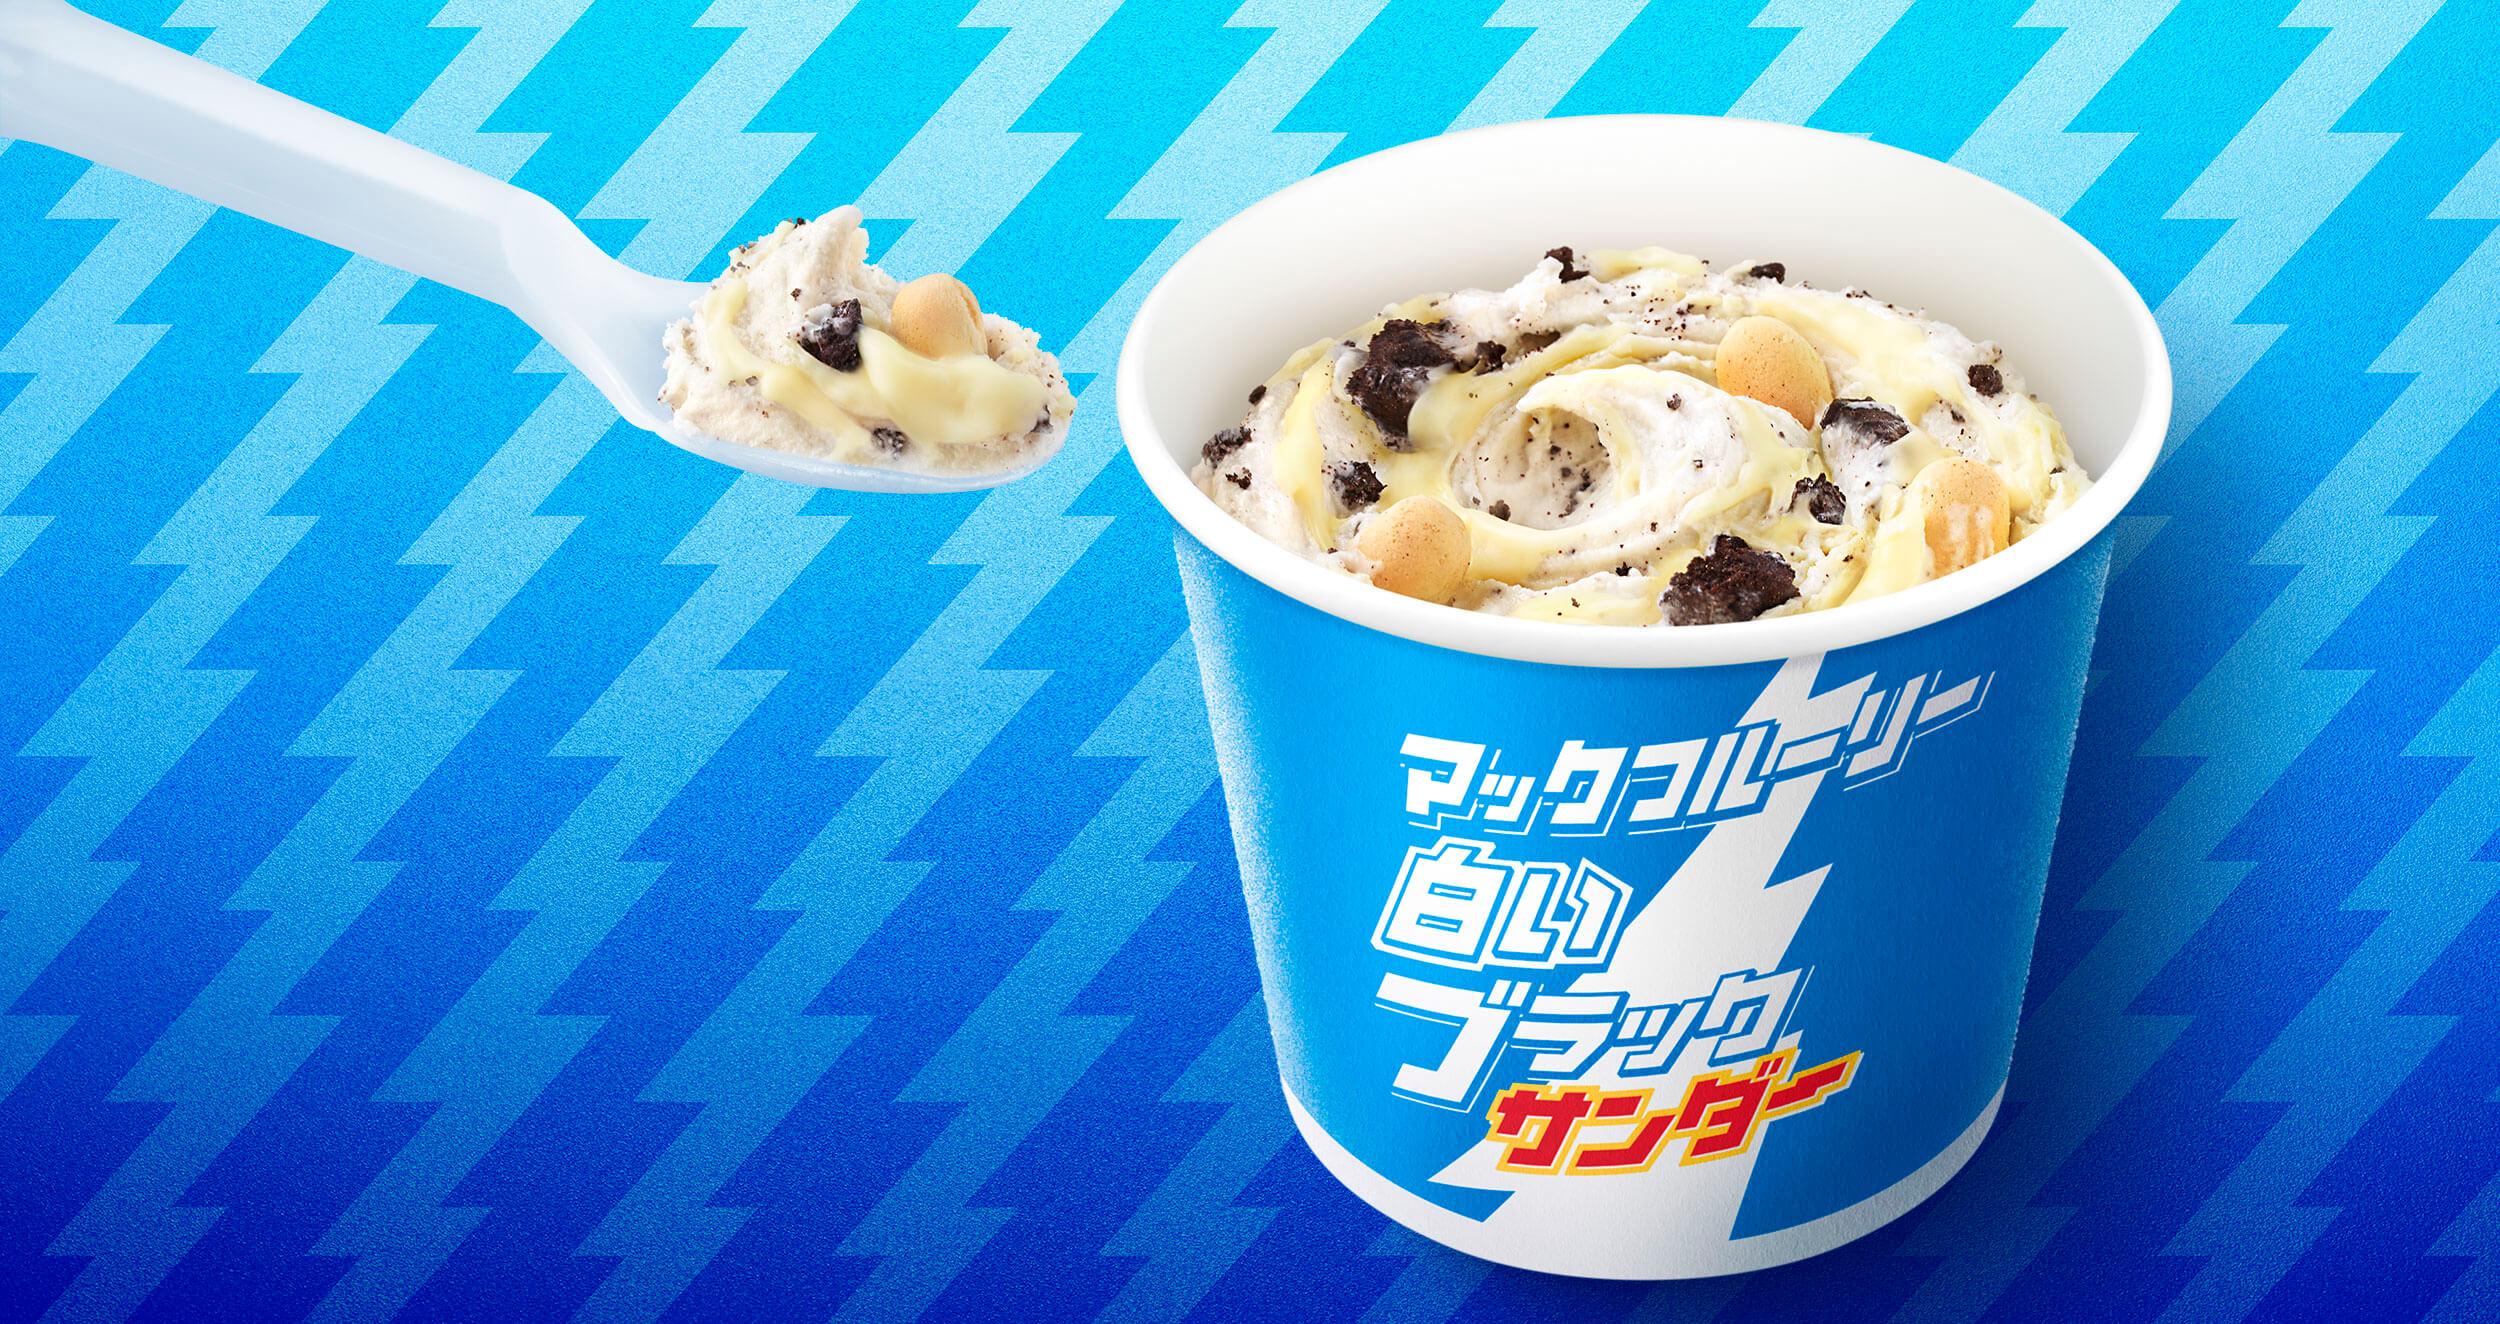 北海道限定「白雷神巧克力」化為麥當勞冰炫風於日本全國登場! 日本麥當勞、麥當勞、